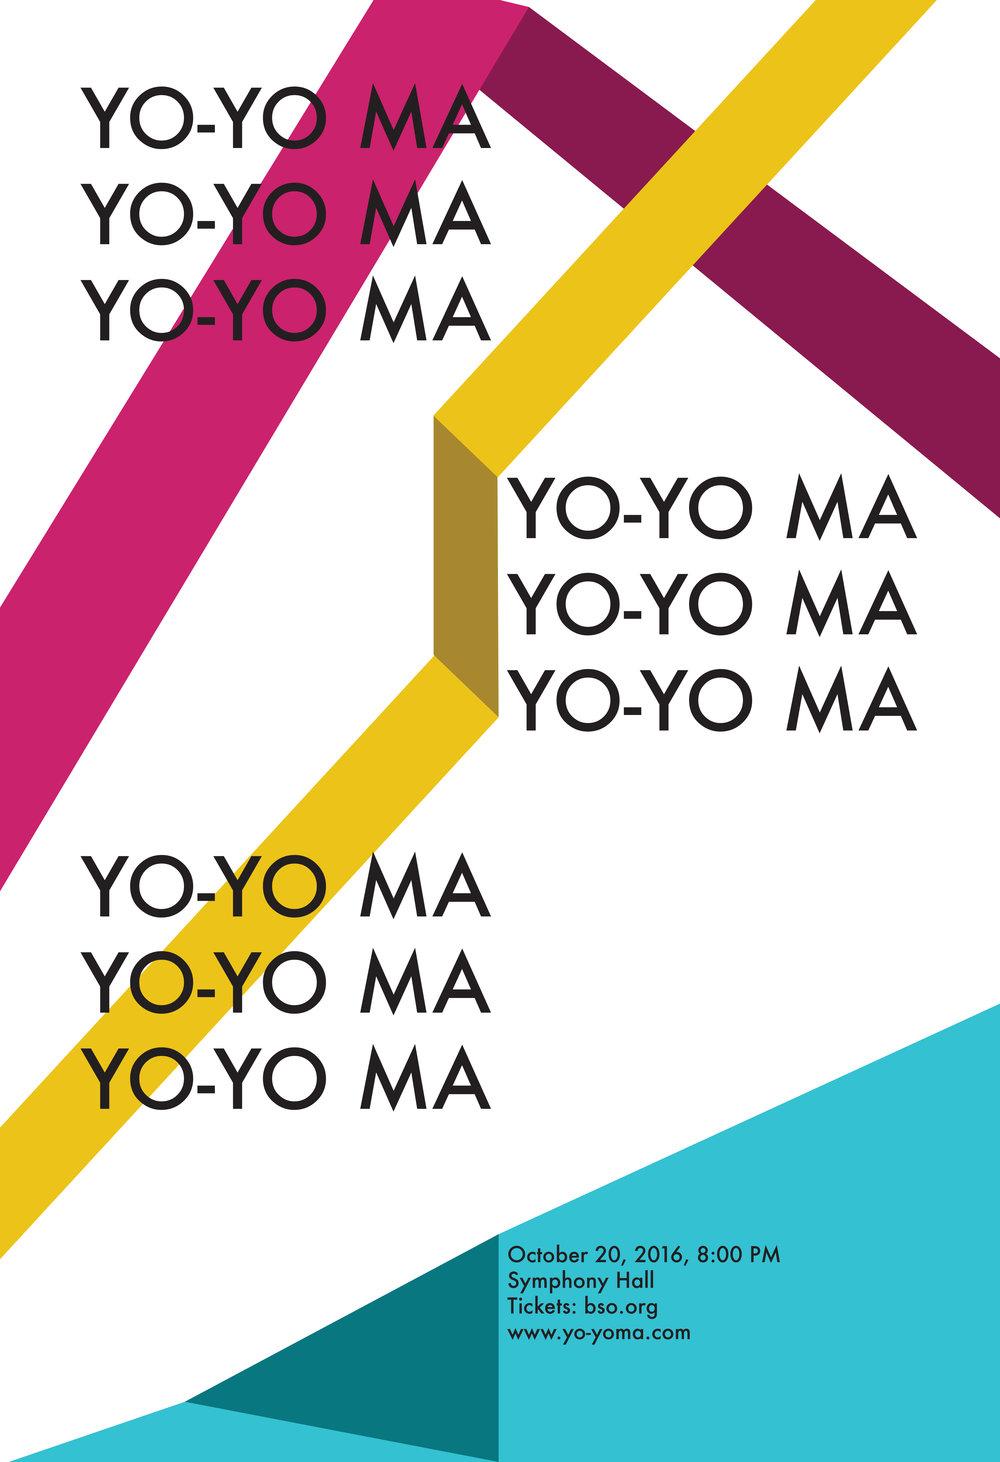 Yo-Yo Ma Poster